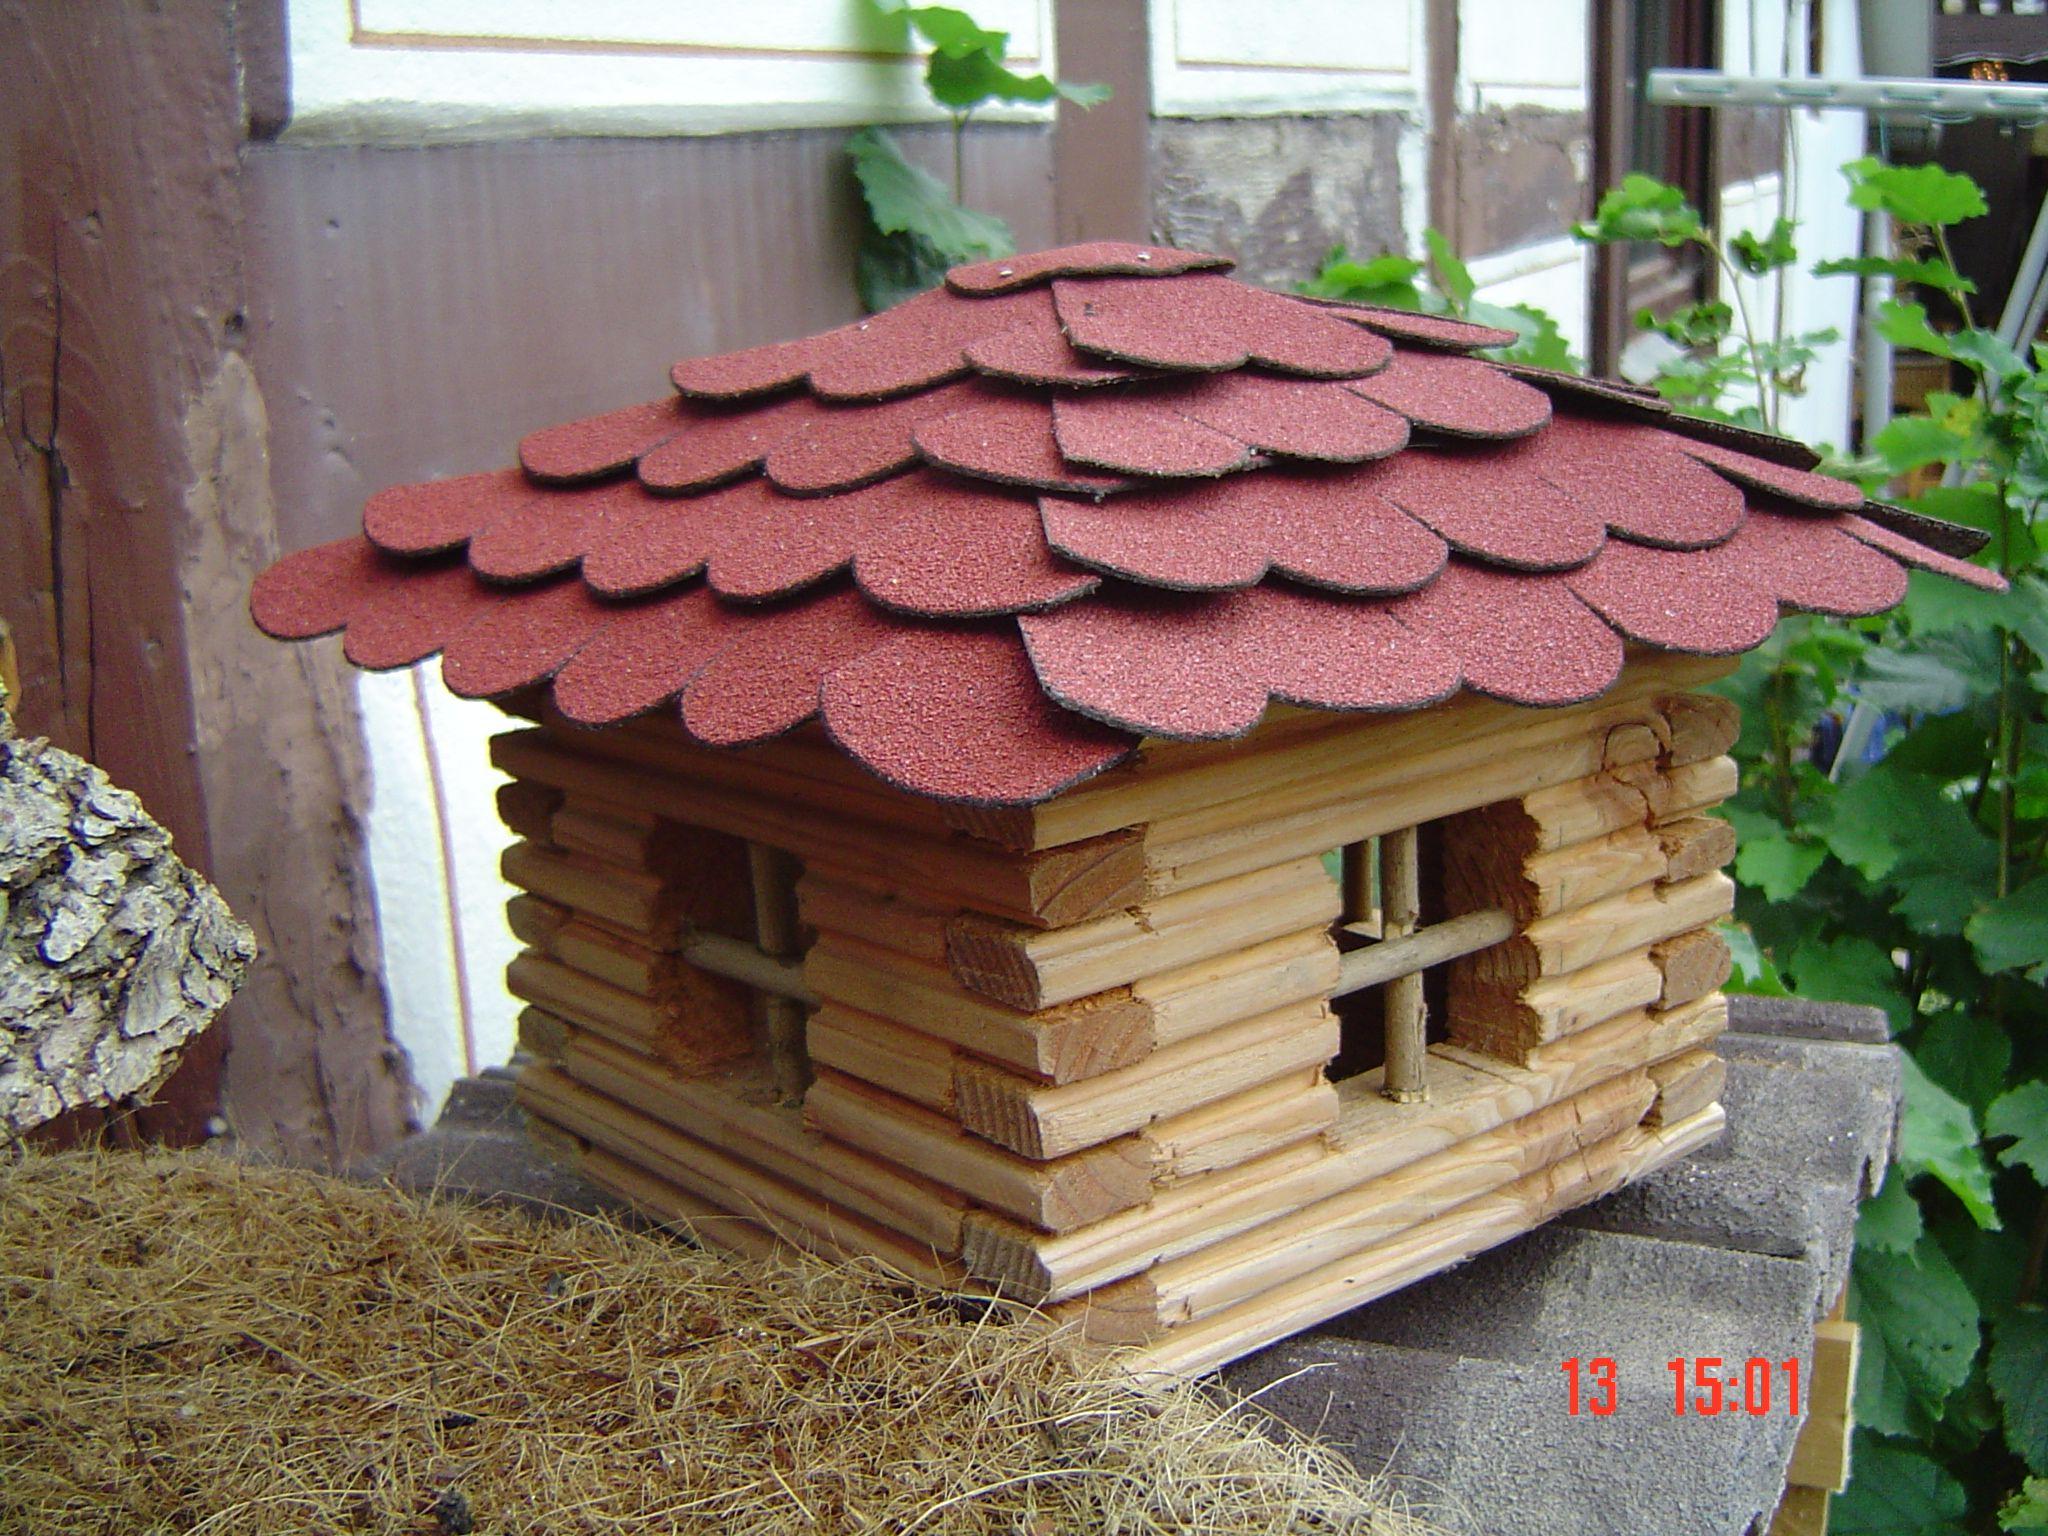 Vogelhaus, Blockhaus für Vögel Bauanleitung zum selber